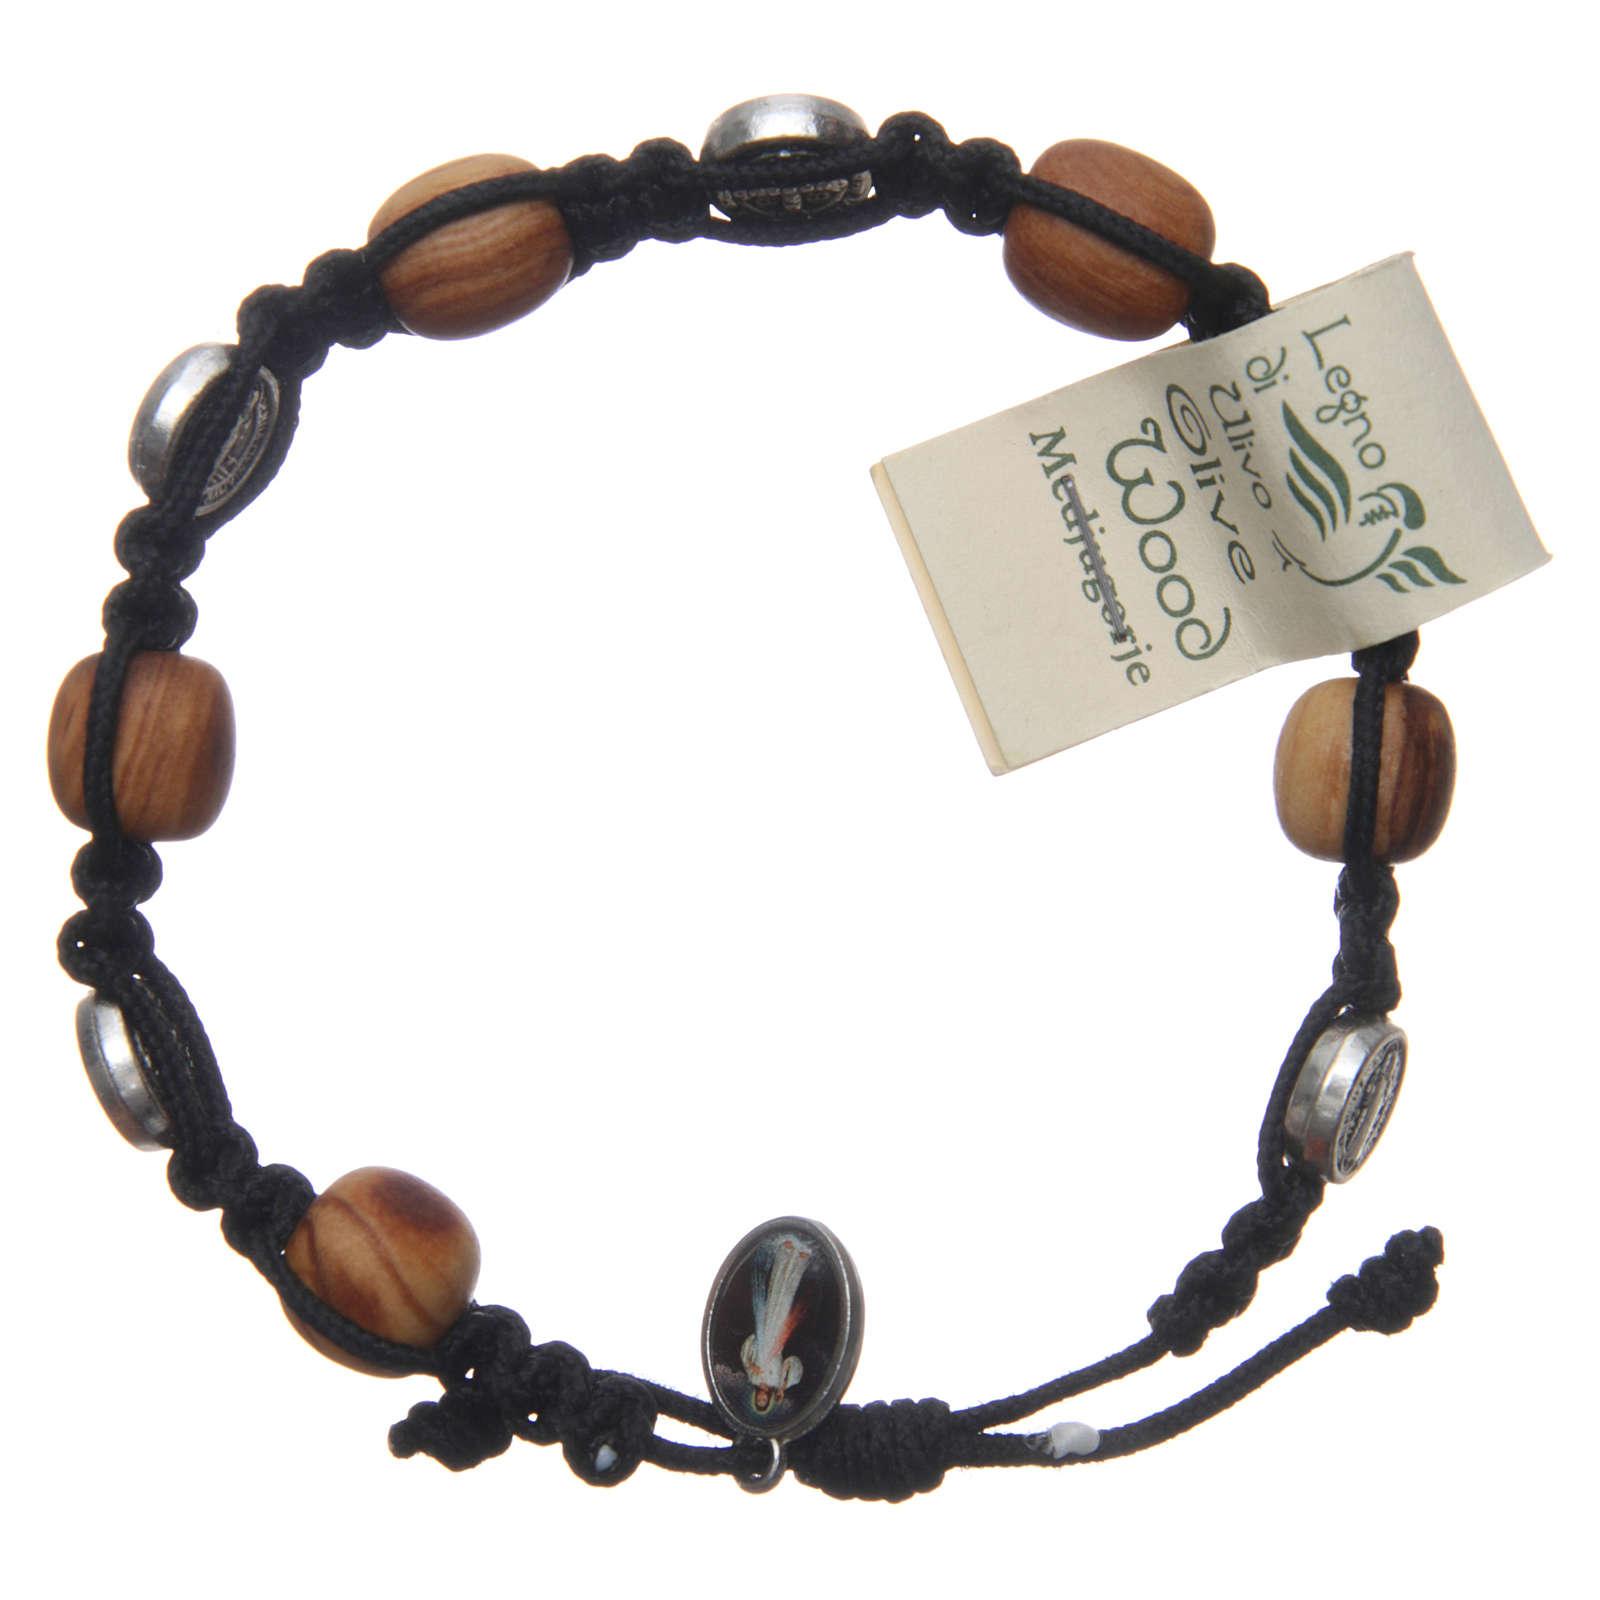 Braccialetto legno ulivo croce San Benedetto corda nera 4